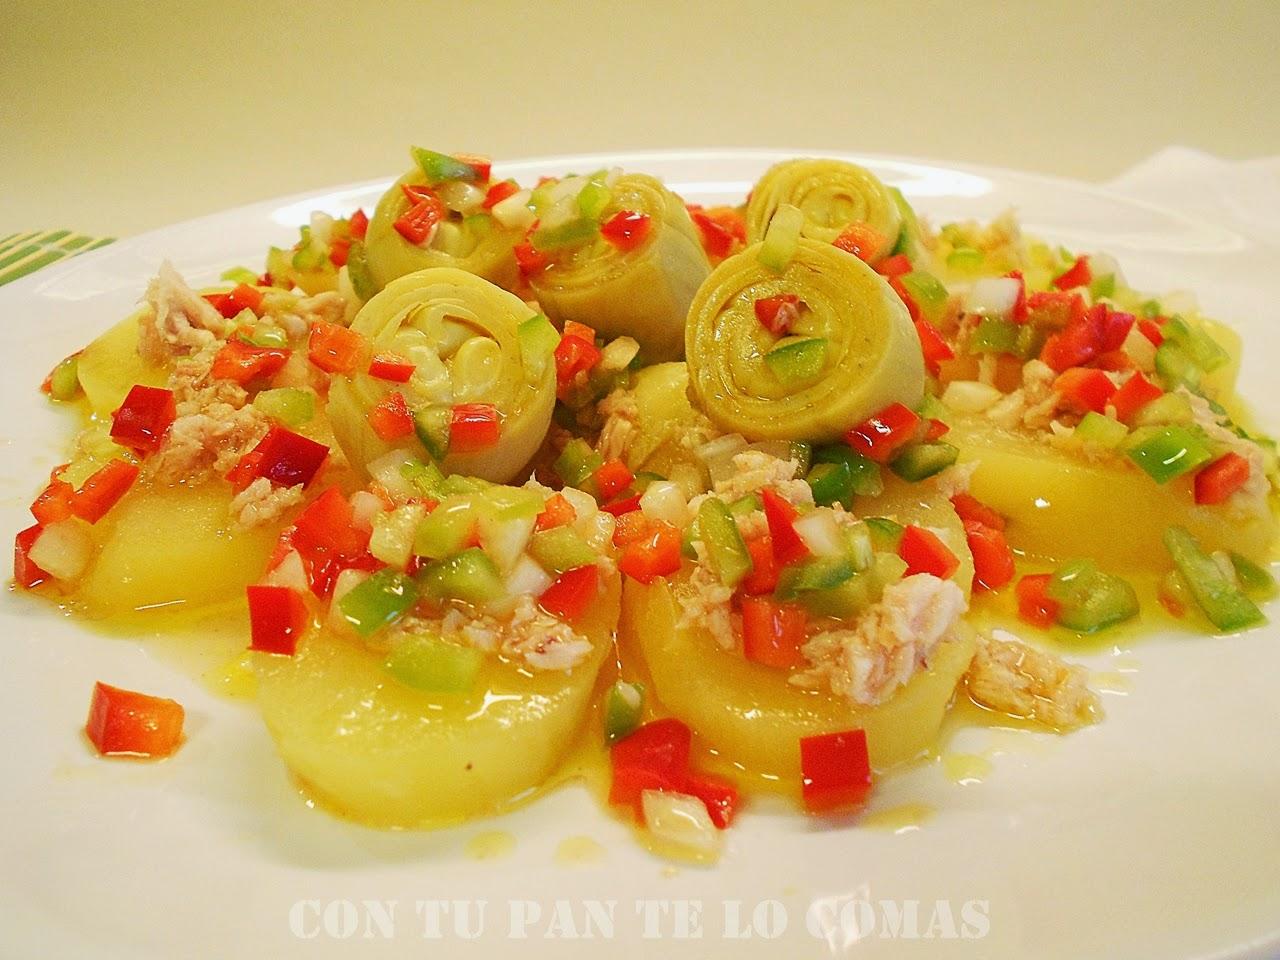 Con tu pan te lo comas ensalada de patatas con alcachofas for Cocinar repollo con patatas